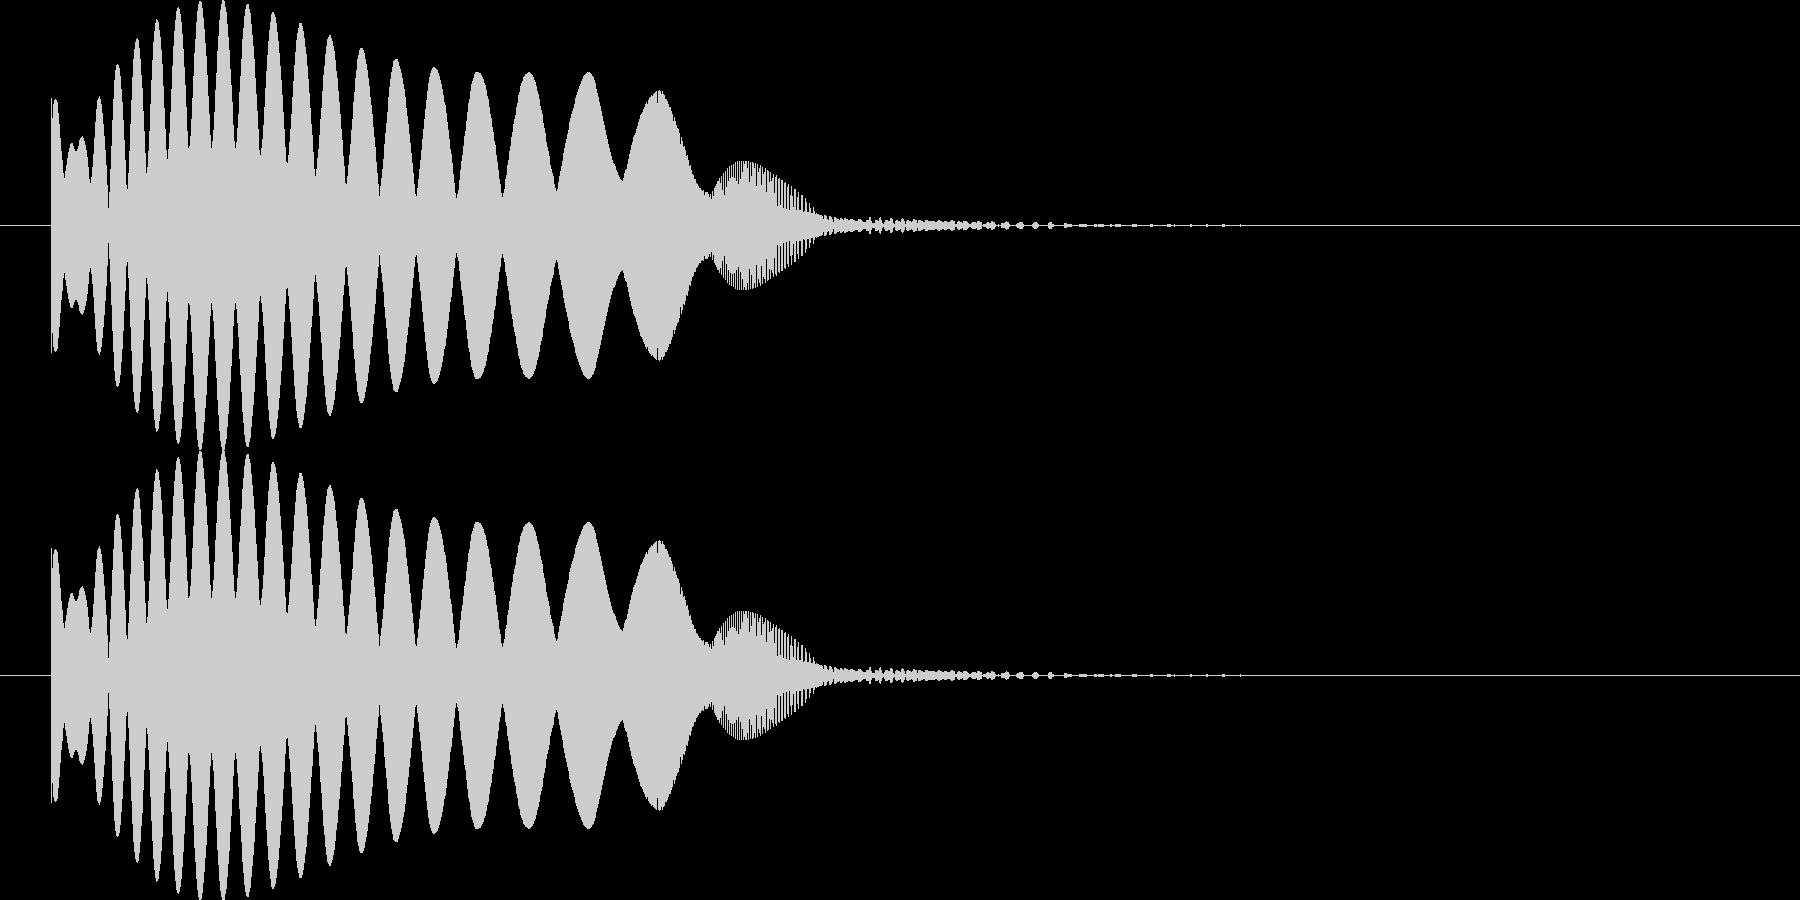 弧を描いて物が飛んでいくような音の未再生の波形